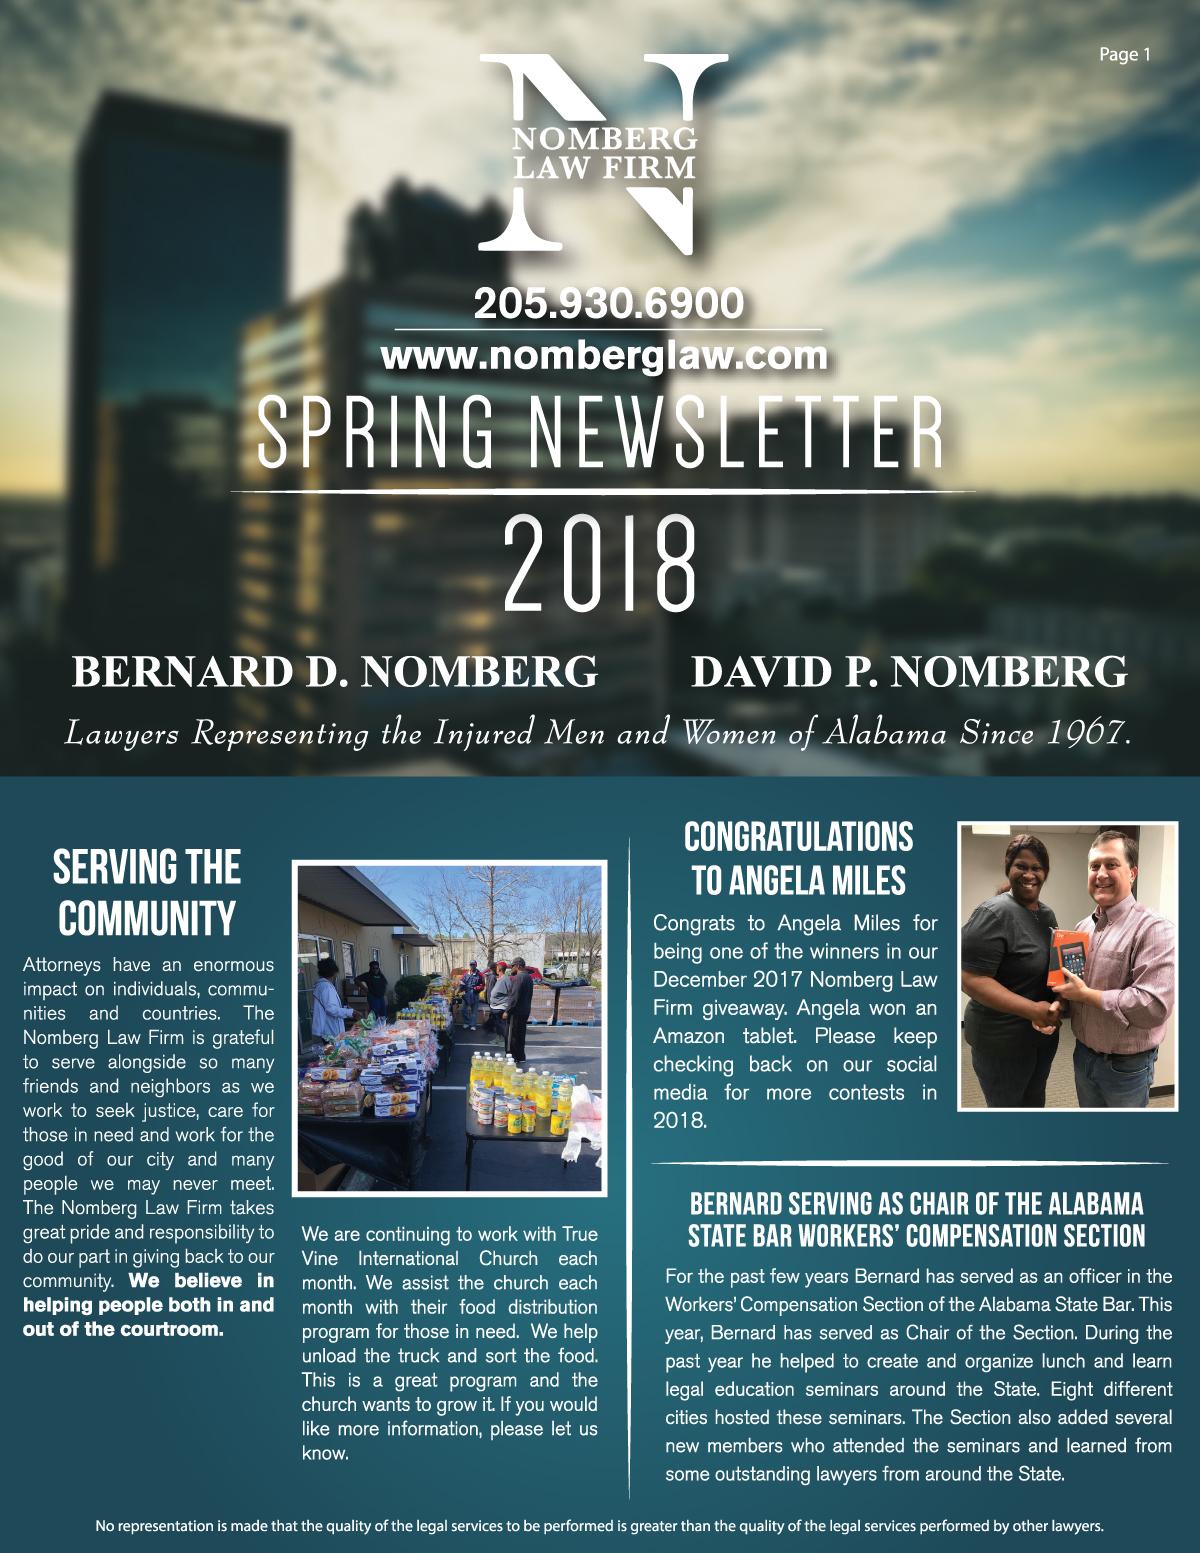 newsletter spring 2018 1